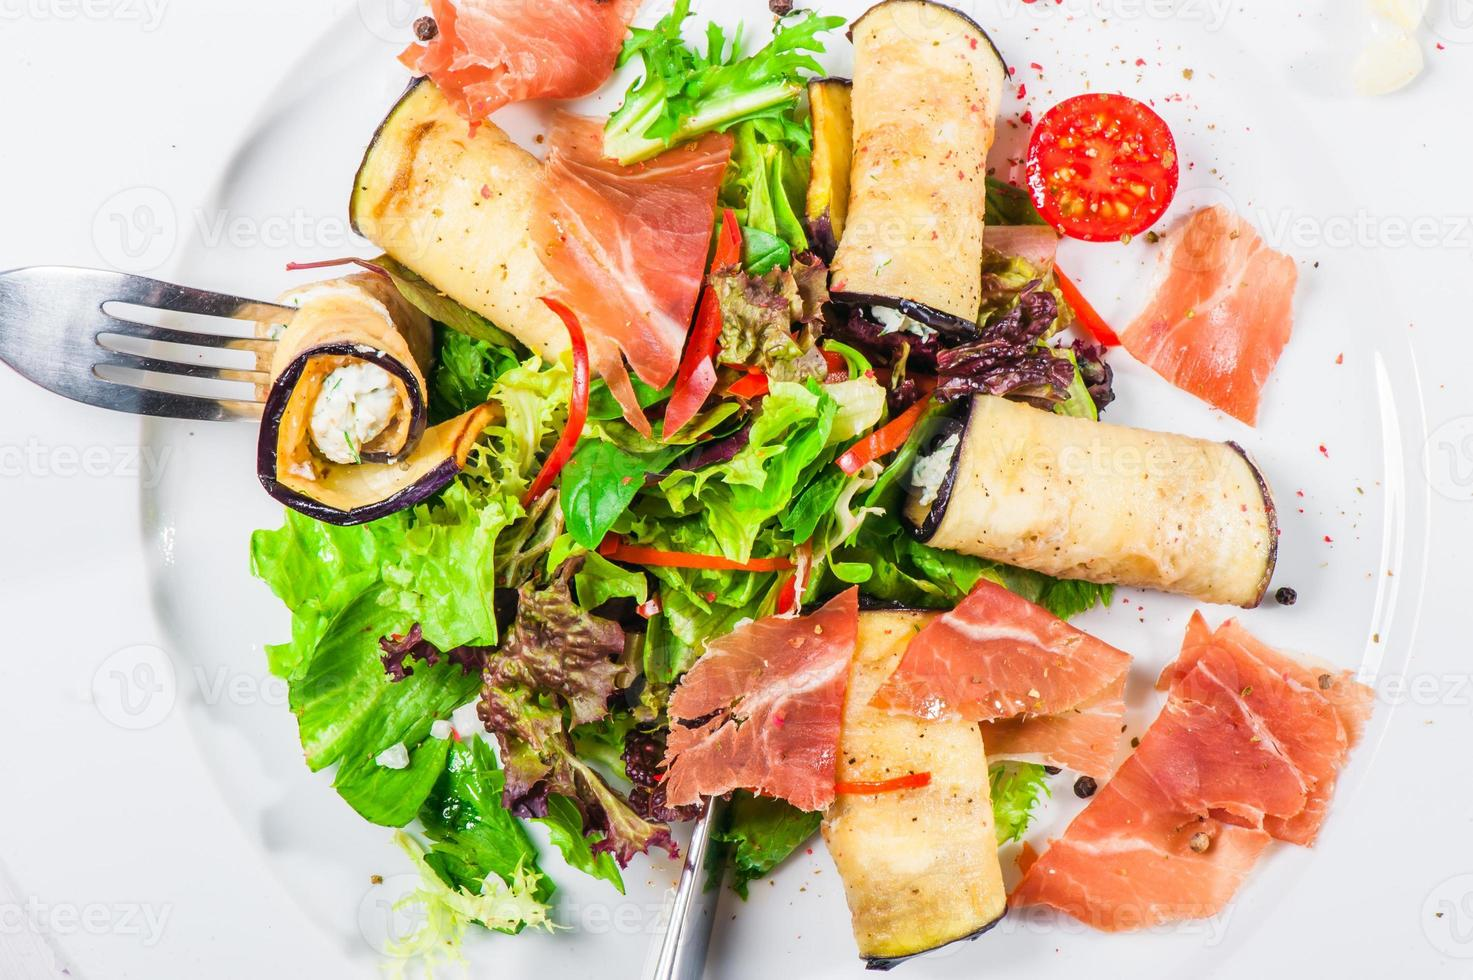 frisse salade met aubergines en spek foto